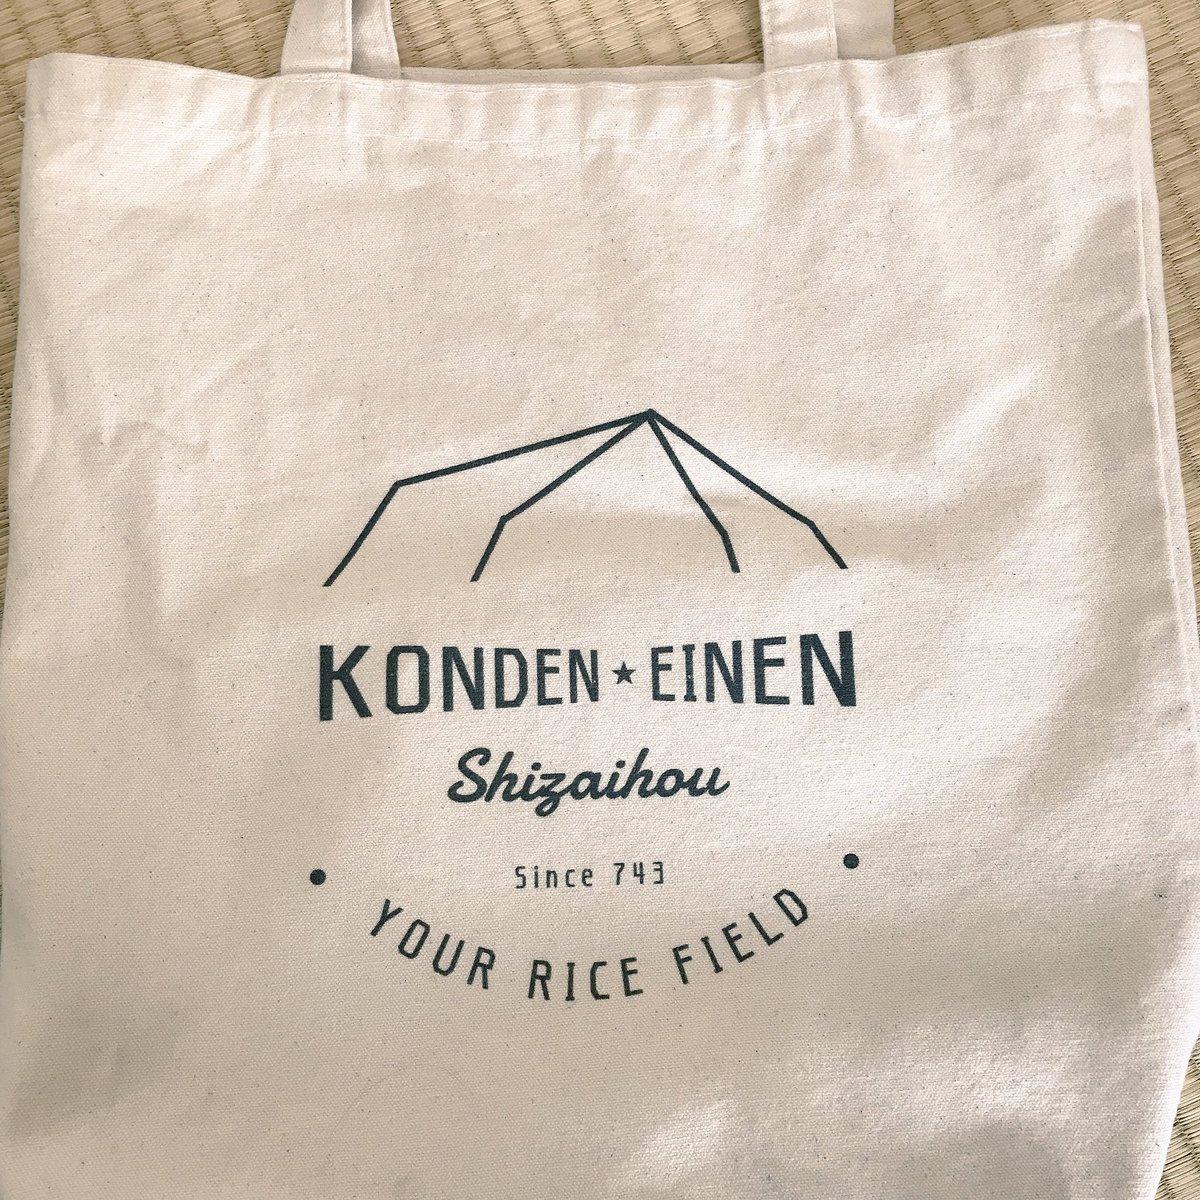 山田全自動さんのバッグ。 さりげなく奈良時代をファッションに取り入れられるところがたまらない。   #女の価値を決めるバッグ